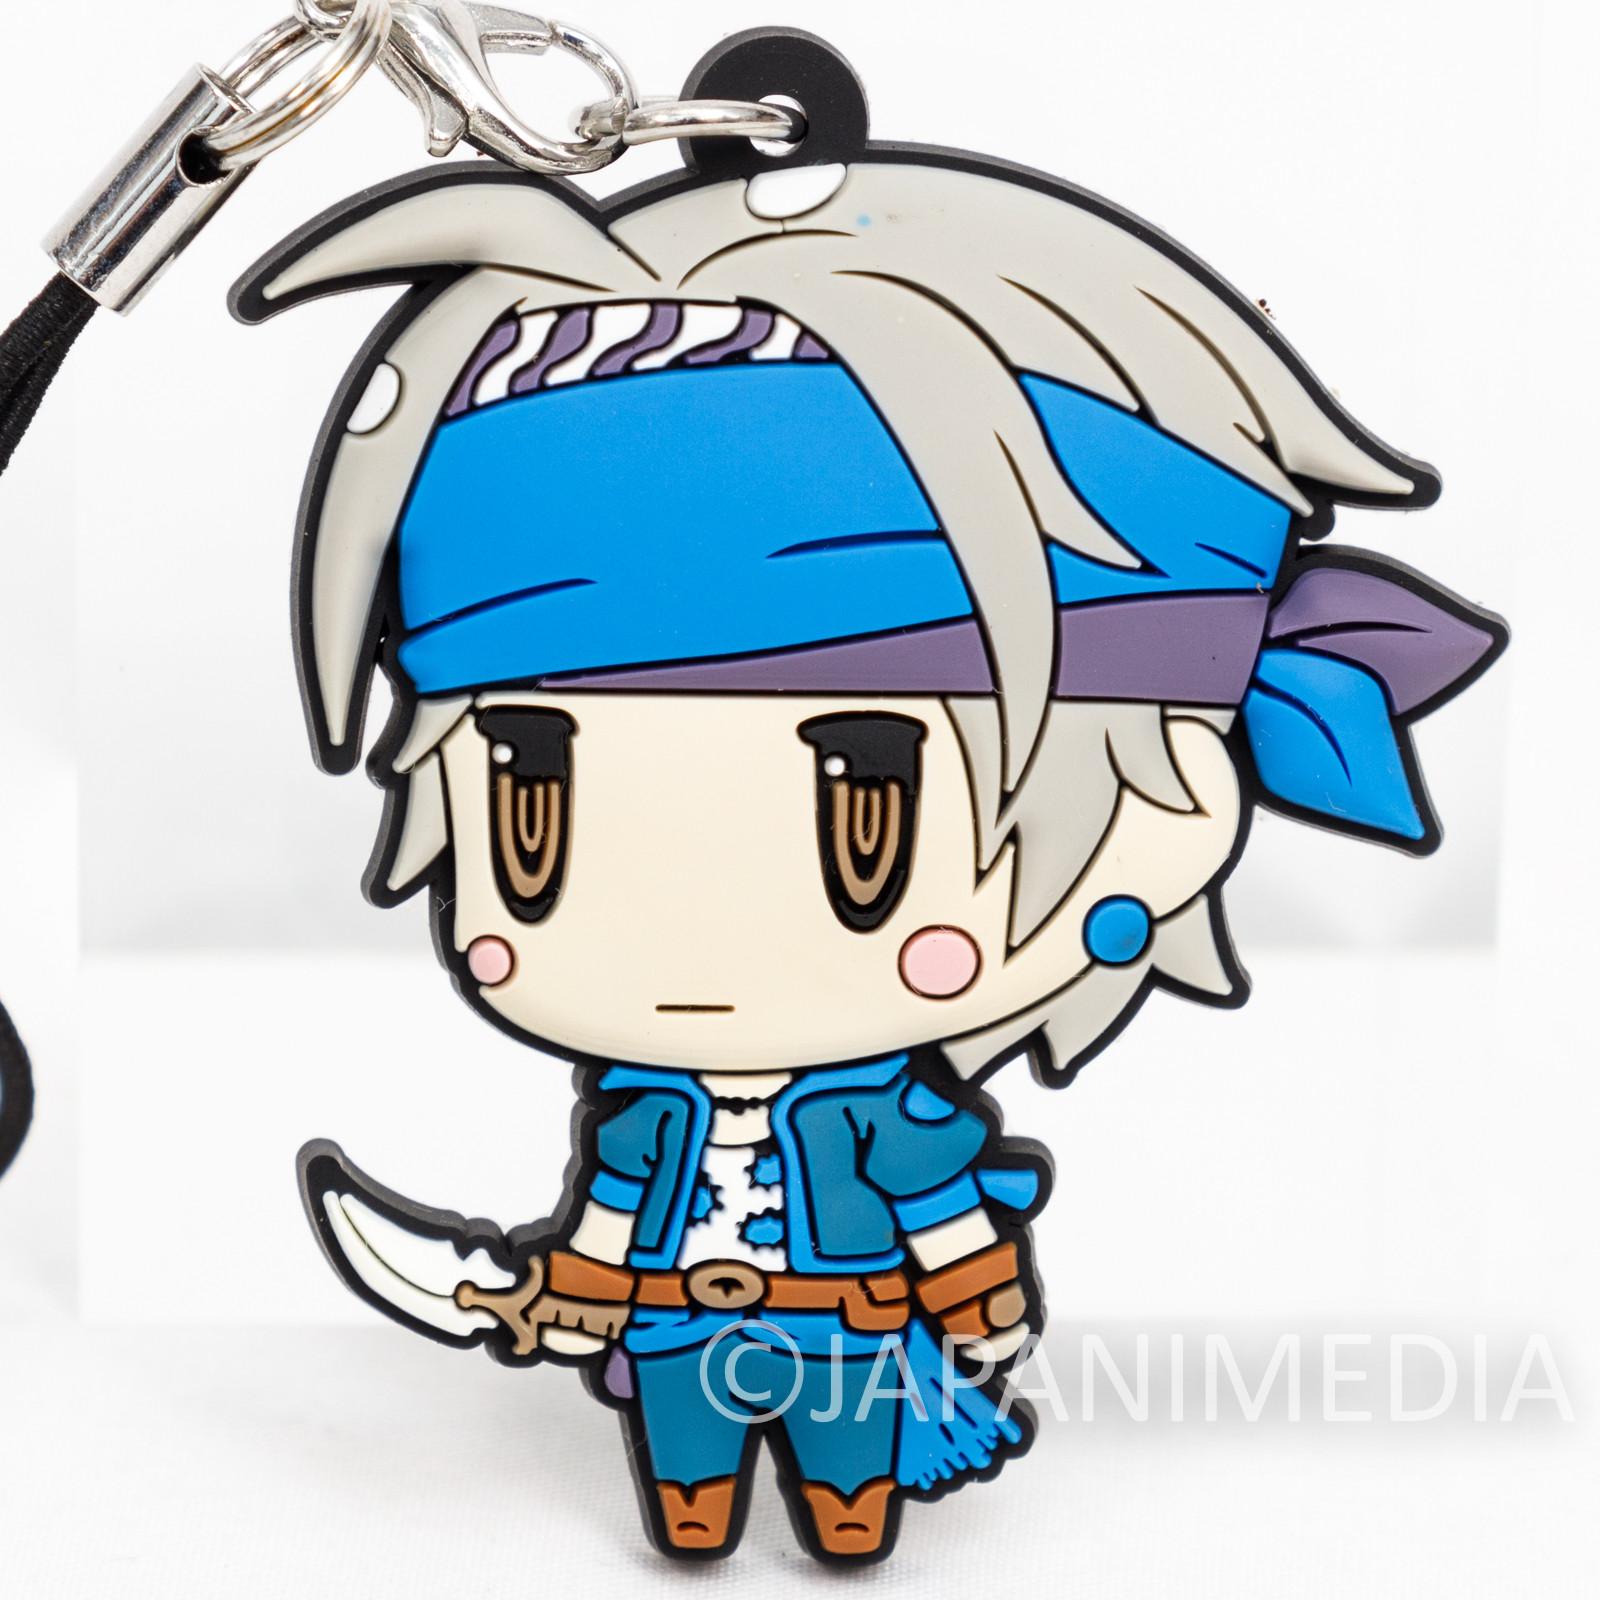 Final Fantasy Locke Cole Mascot Rubber Strap JAPAN SQUARE ENIX